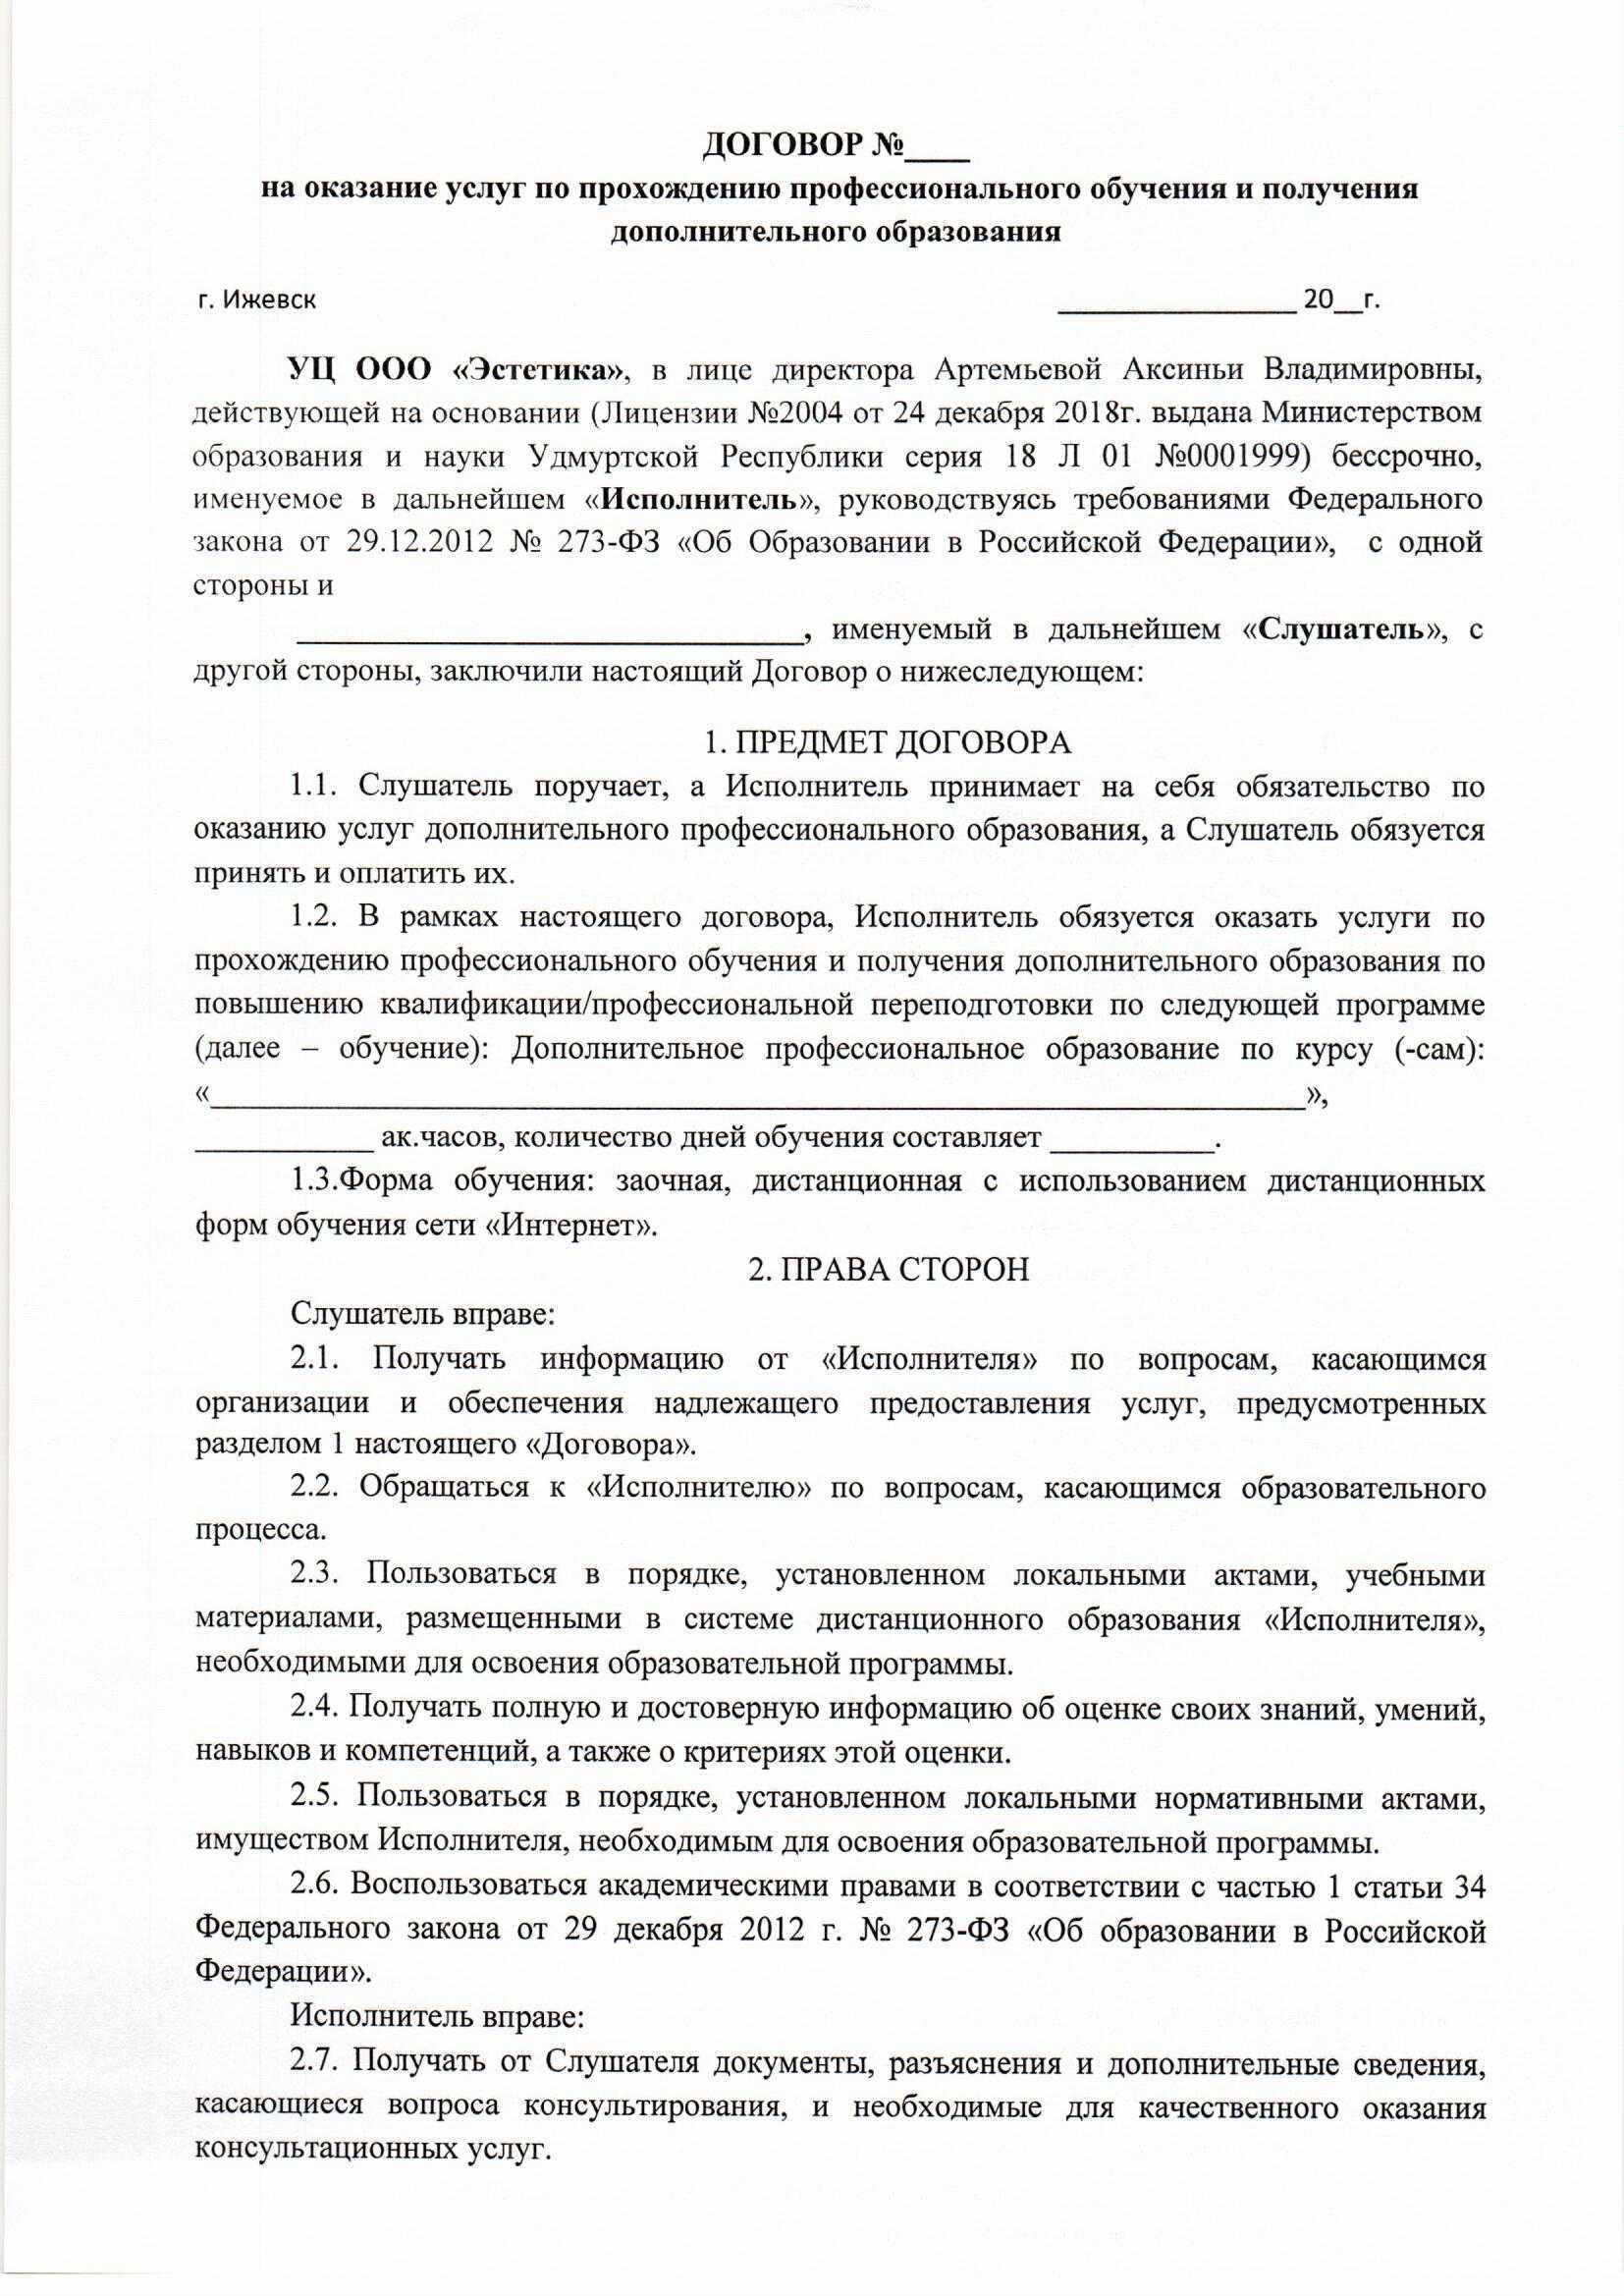 Договор на оказание услуг с бухгалтерских услуг с физическим лицом образец 2021 пример трудового договора с бухгалтером ооо